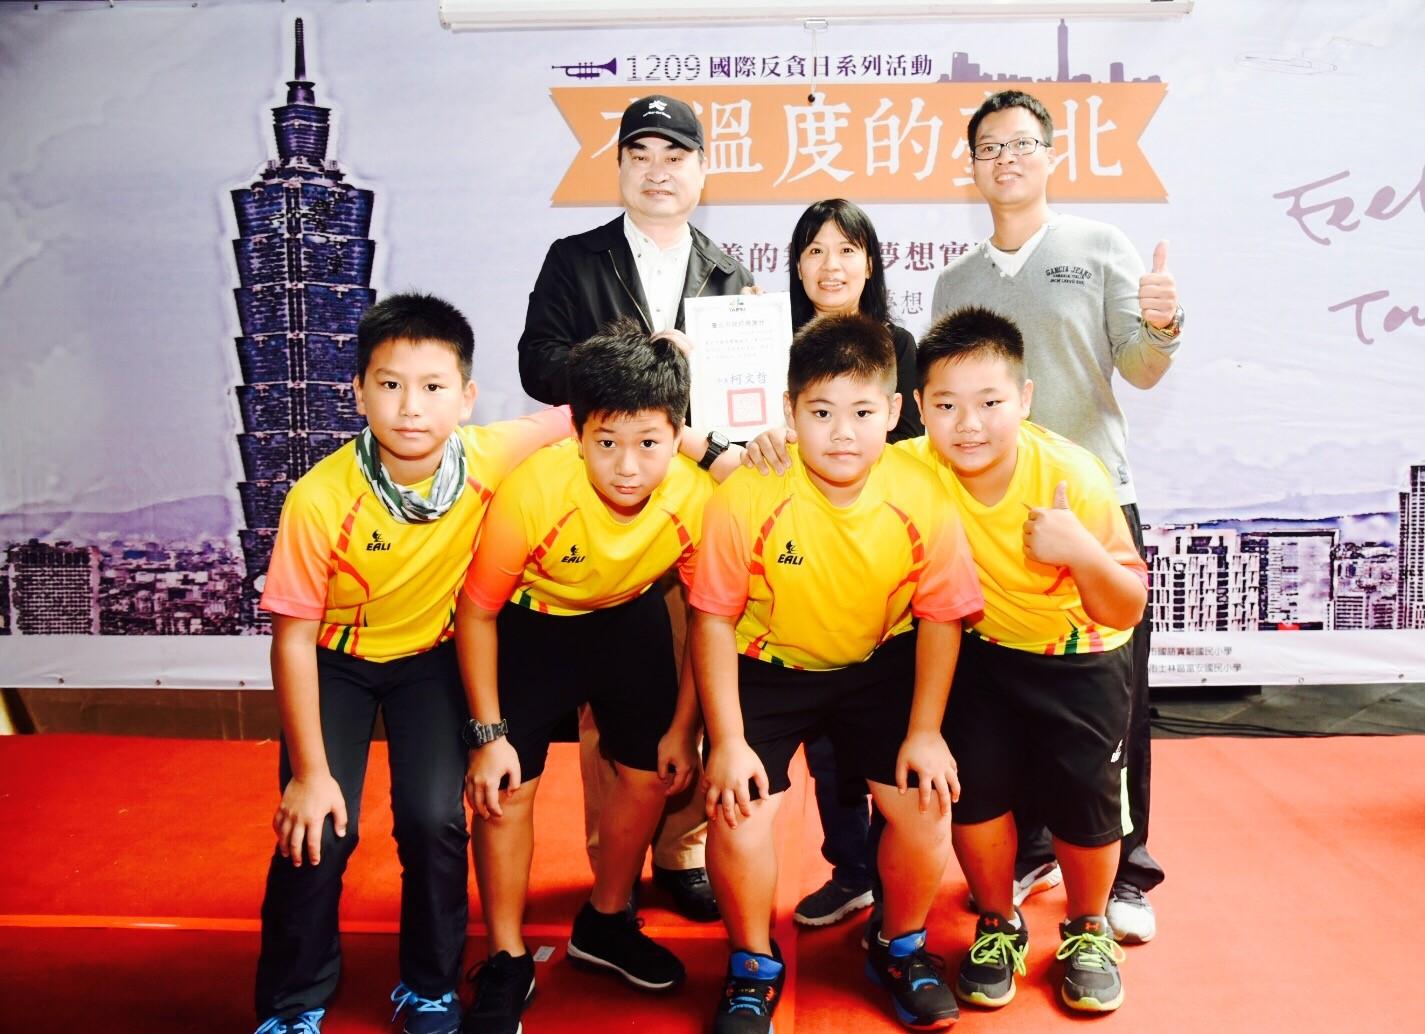 鄧副市長與射箭協會謝教練及國語實小射箭隊小朋友合影